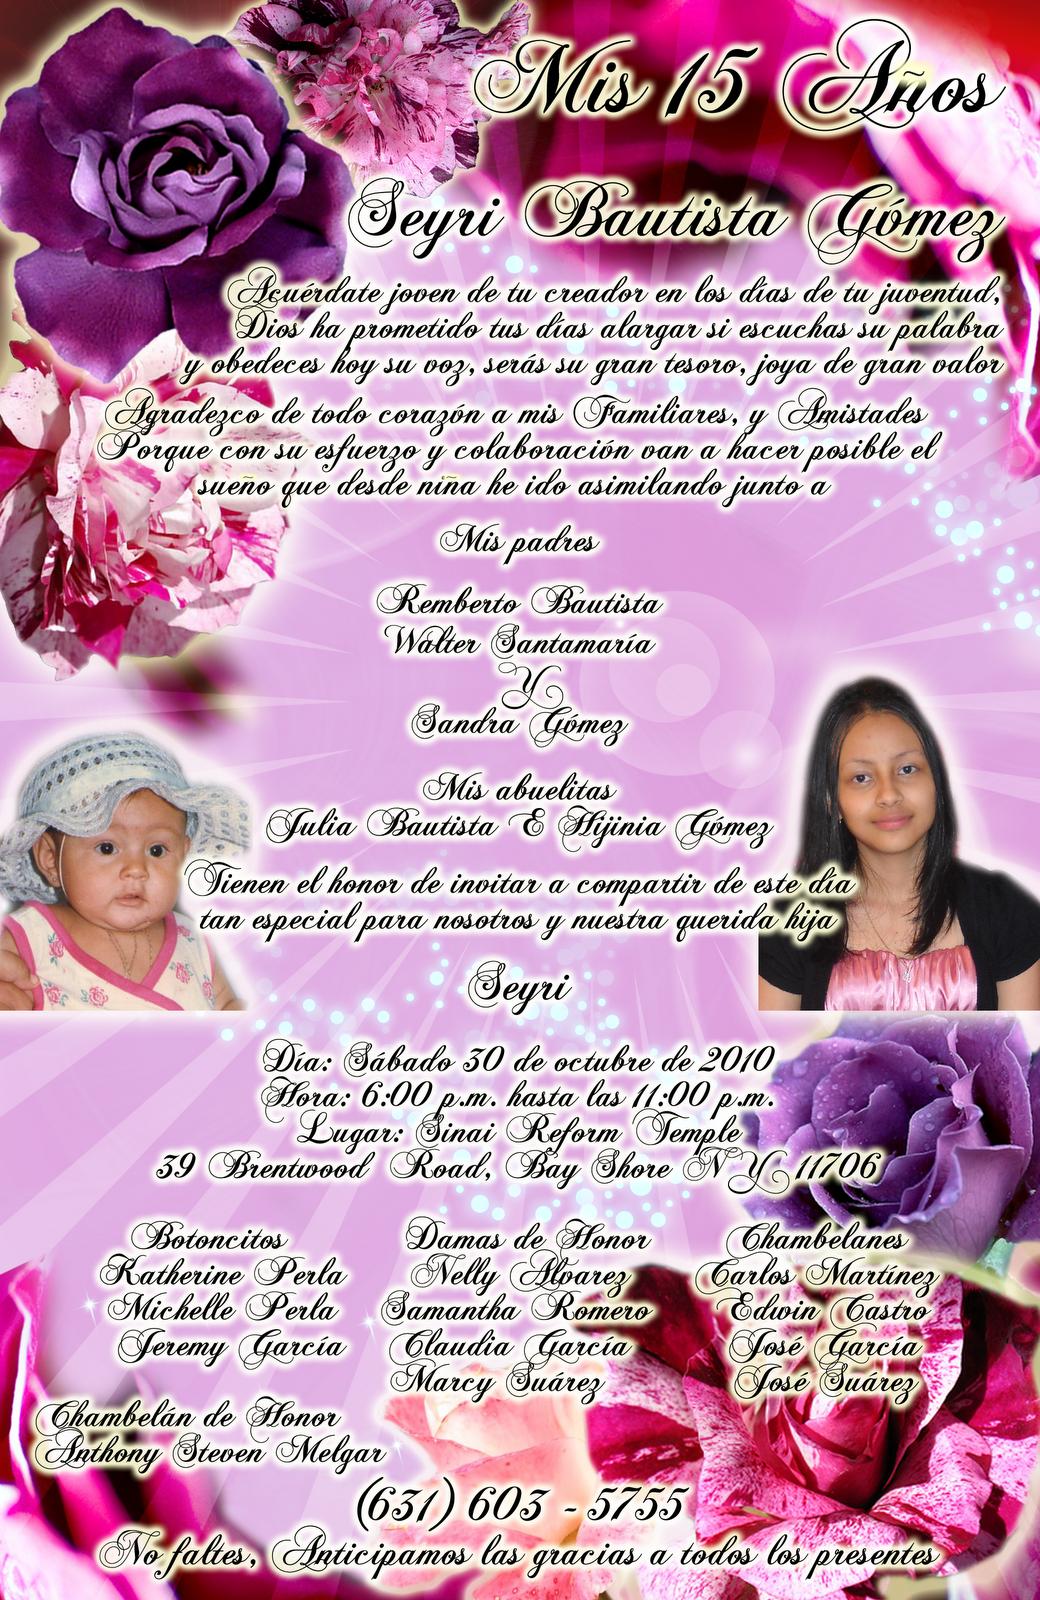 Artes DaVinci: 01/01/2011 - 02/